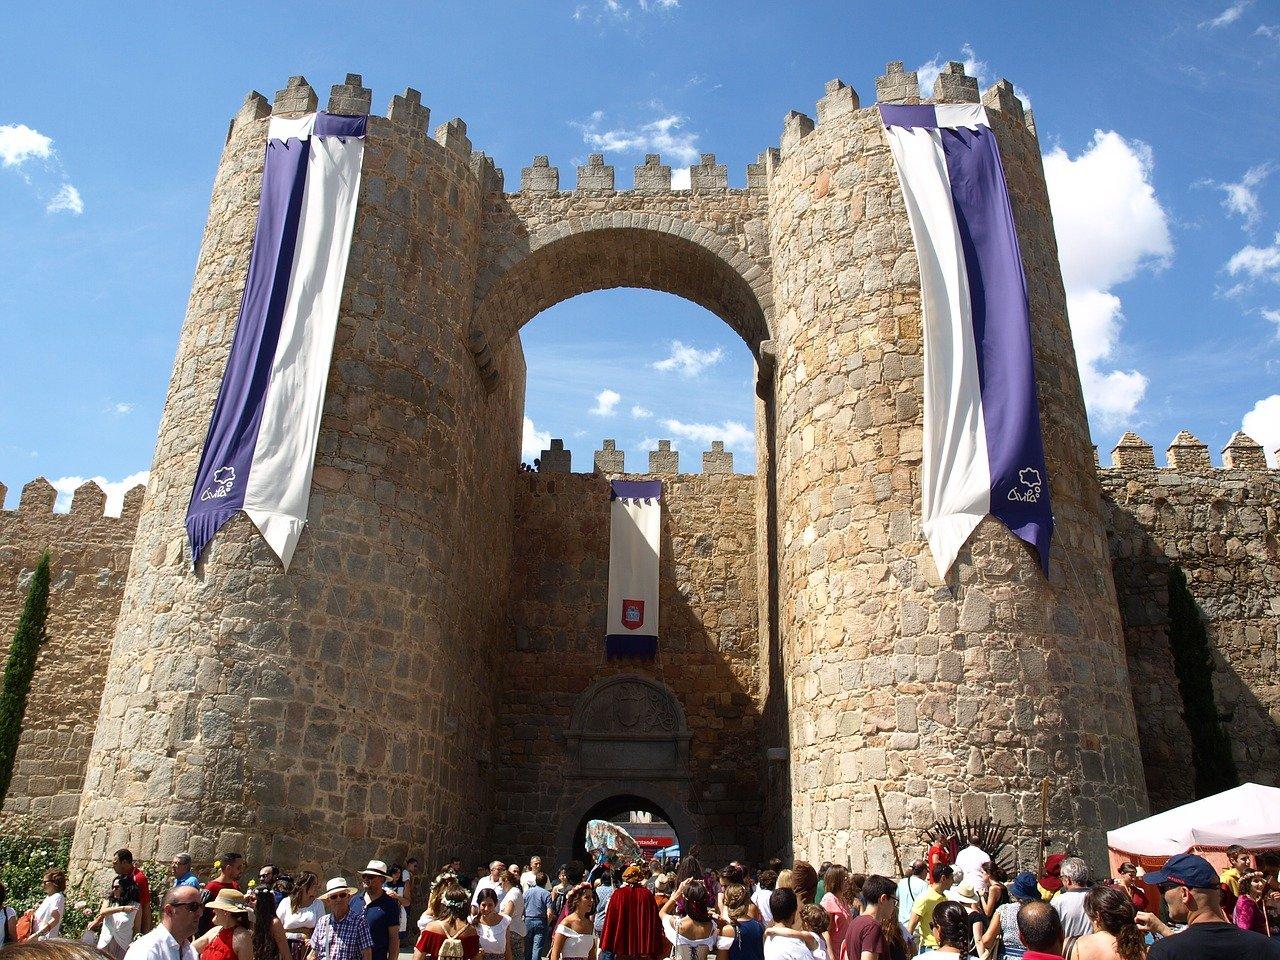 UNESCO Weltkulturerbe Avila Stadttor